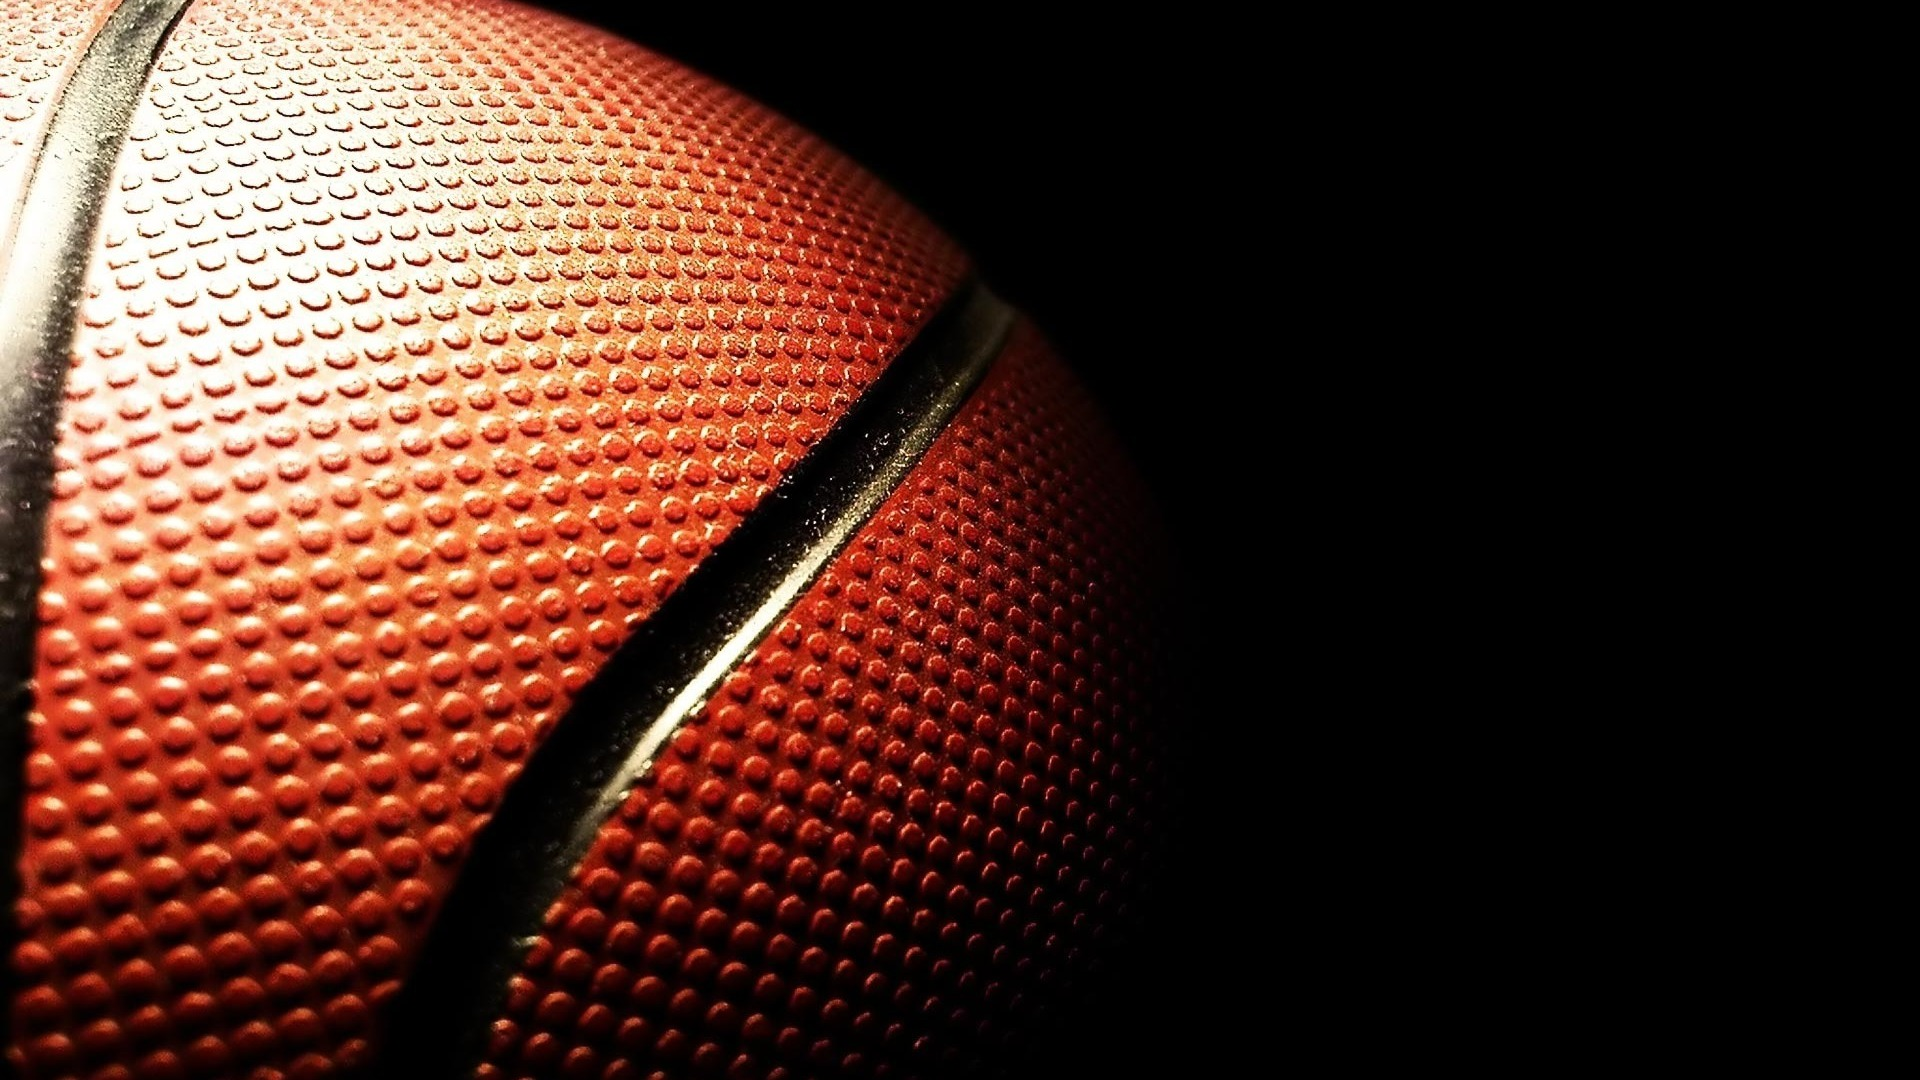 Basketball Wallpaper 1920x1080